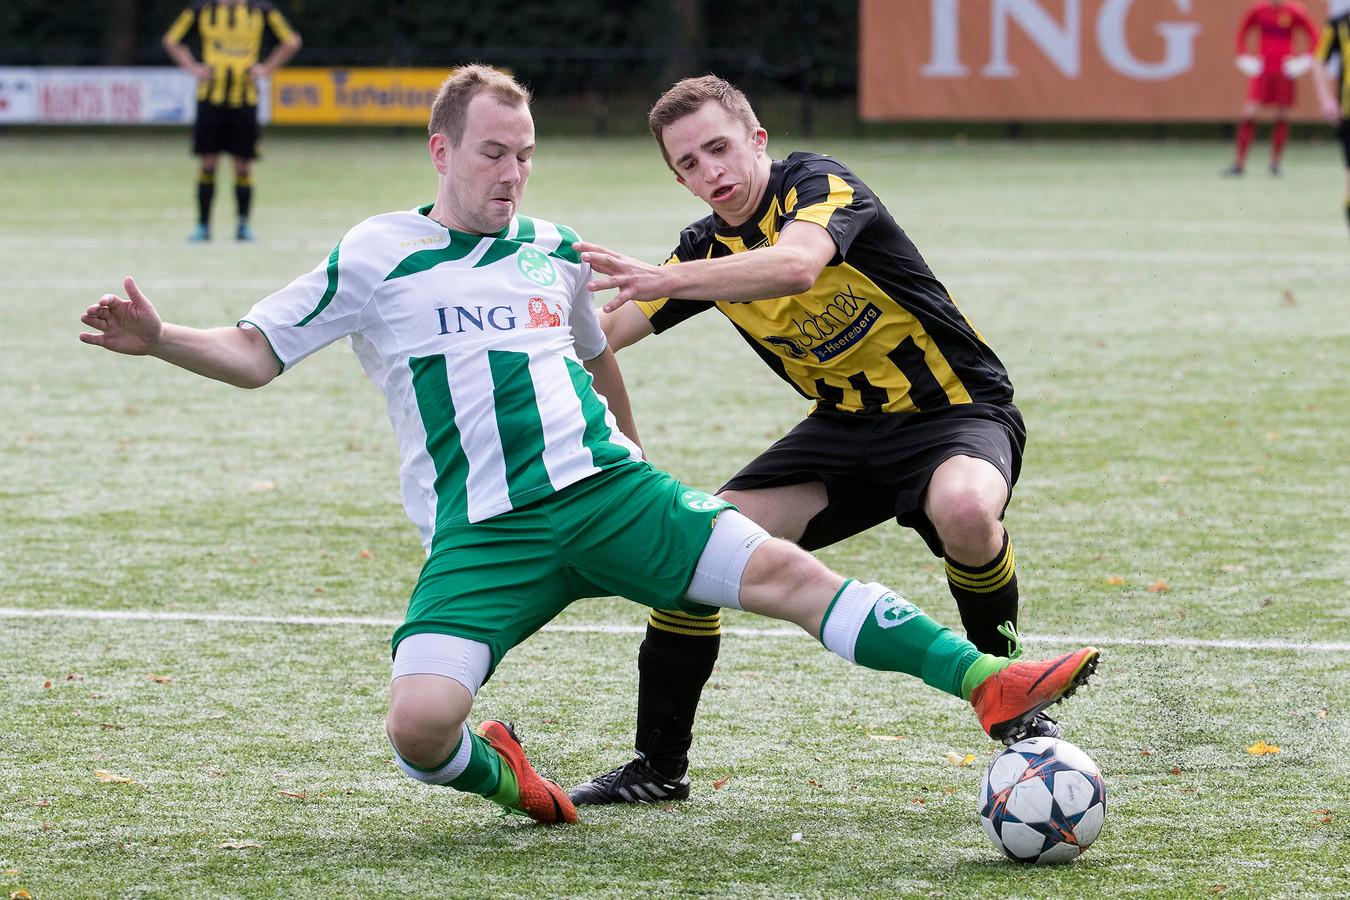 Loil en MvR zijn twee van de acht deelnemers aan de Veltins Pokal.